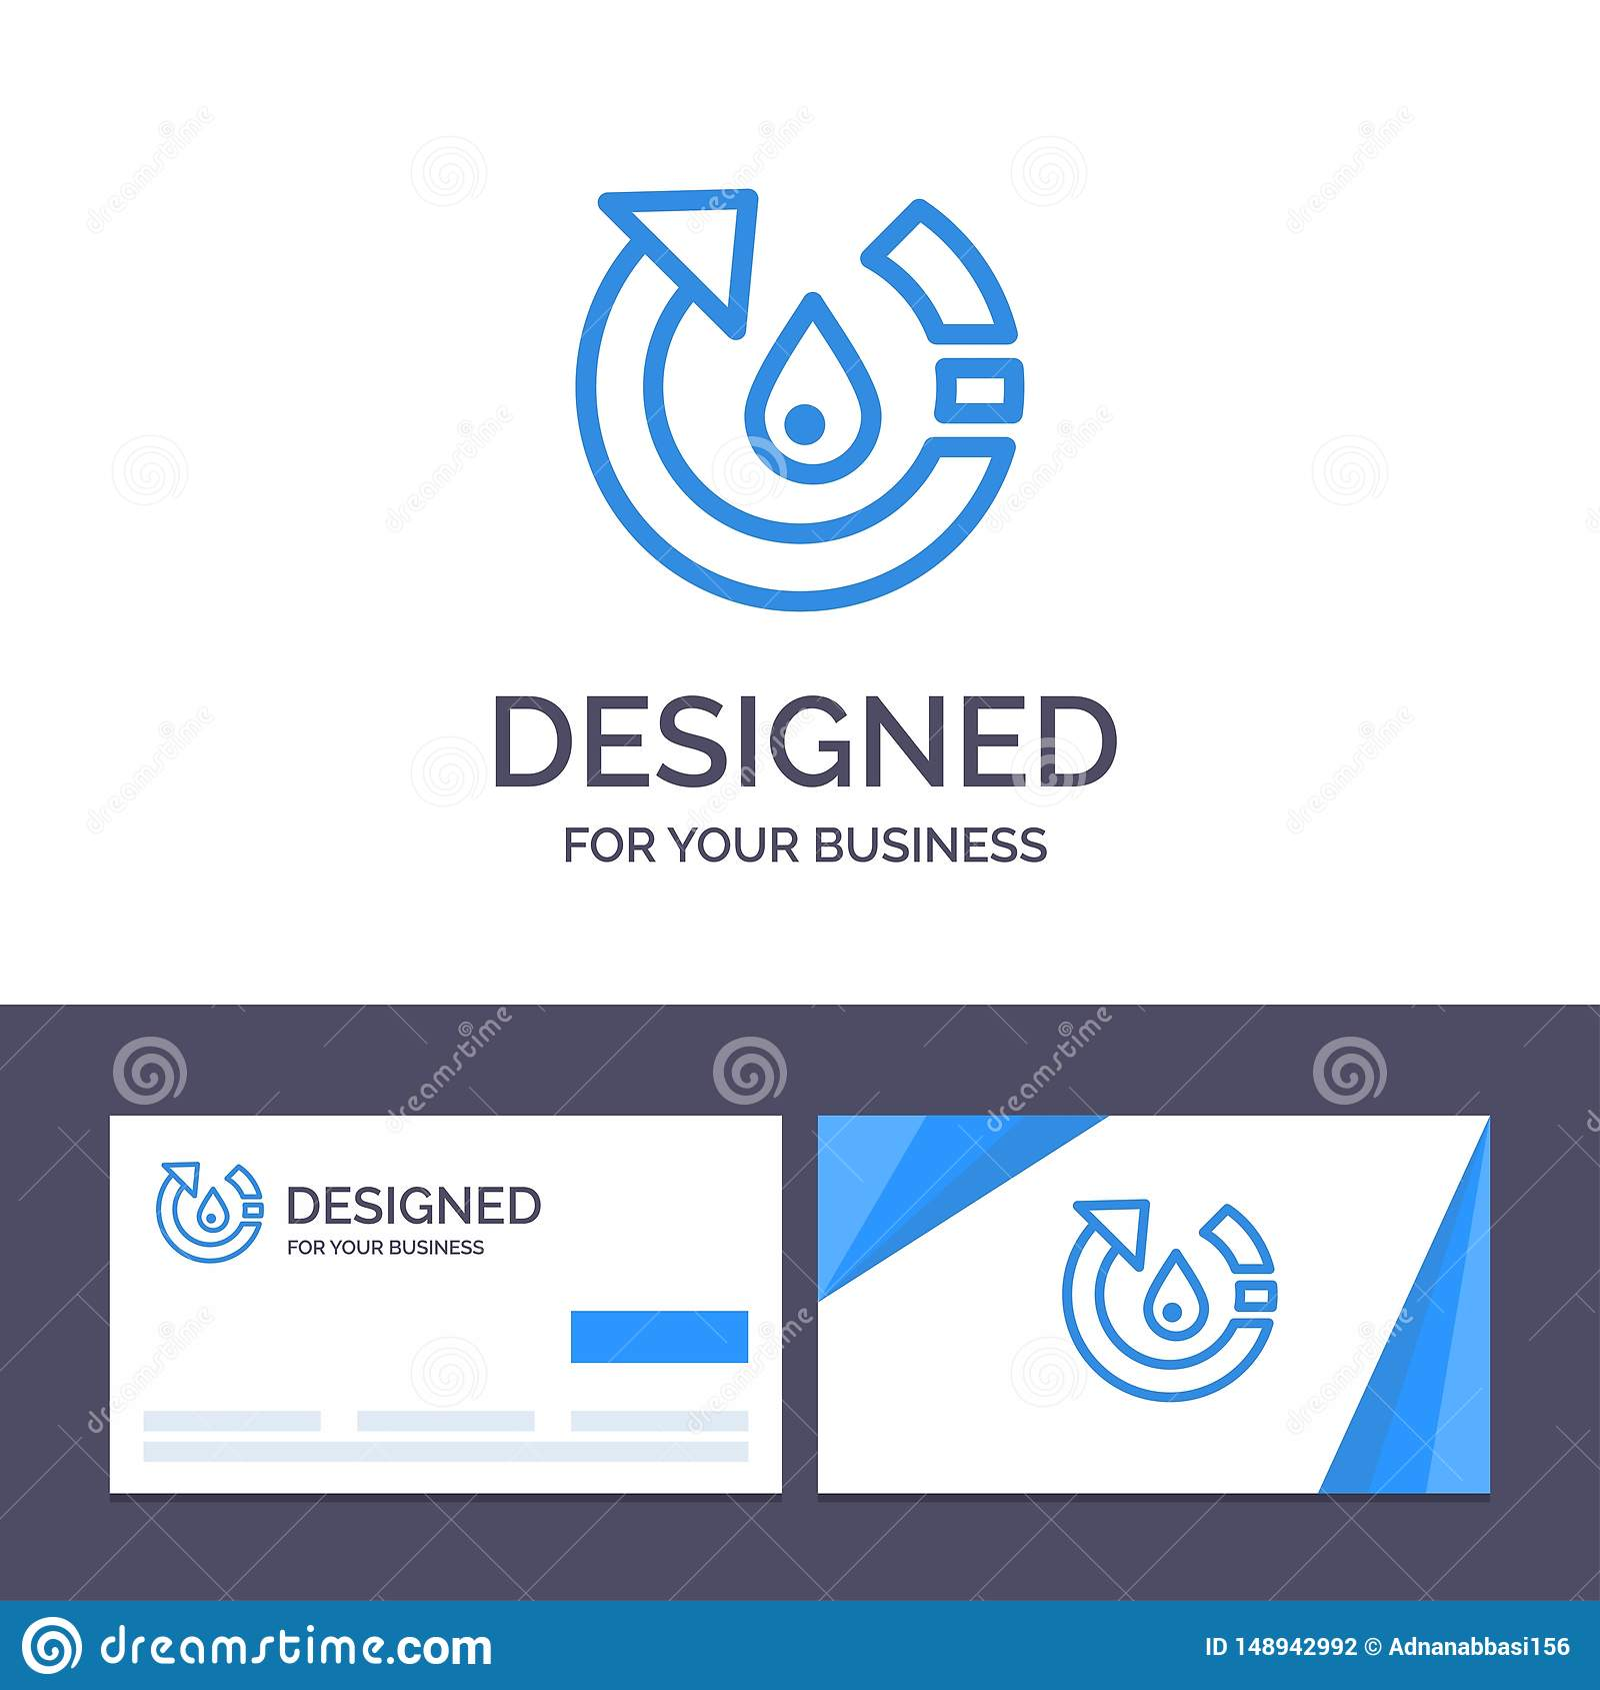 Kreative Visitenkarte- und Logoschablone Tropfen, Ökologie, Umwelt, Natur, bereiten Vektor-Illustration auf